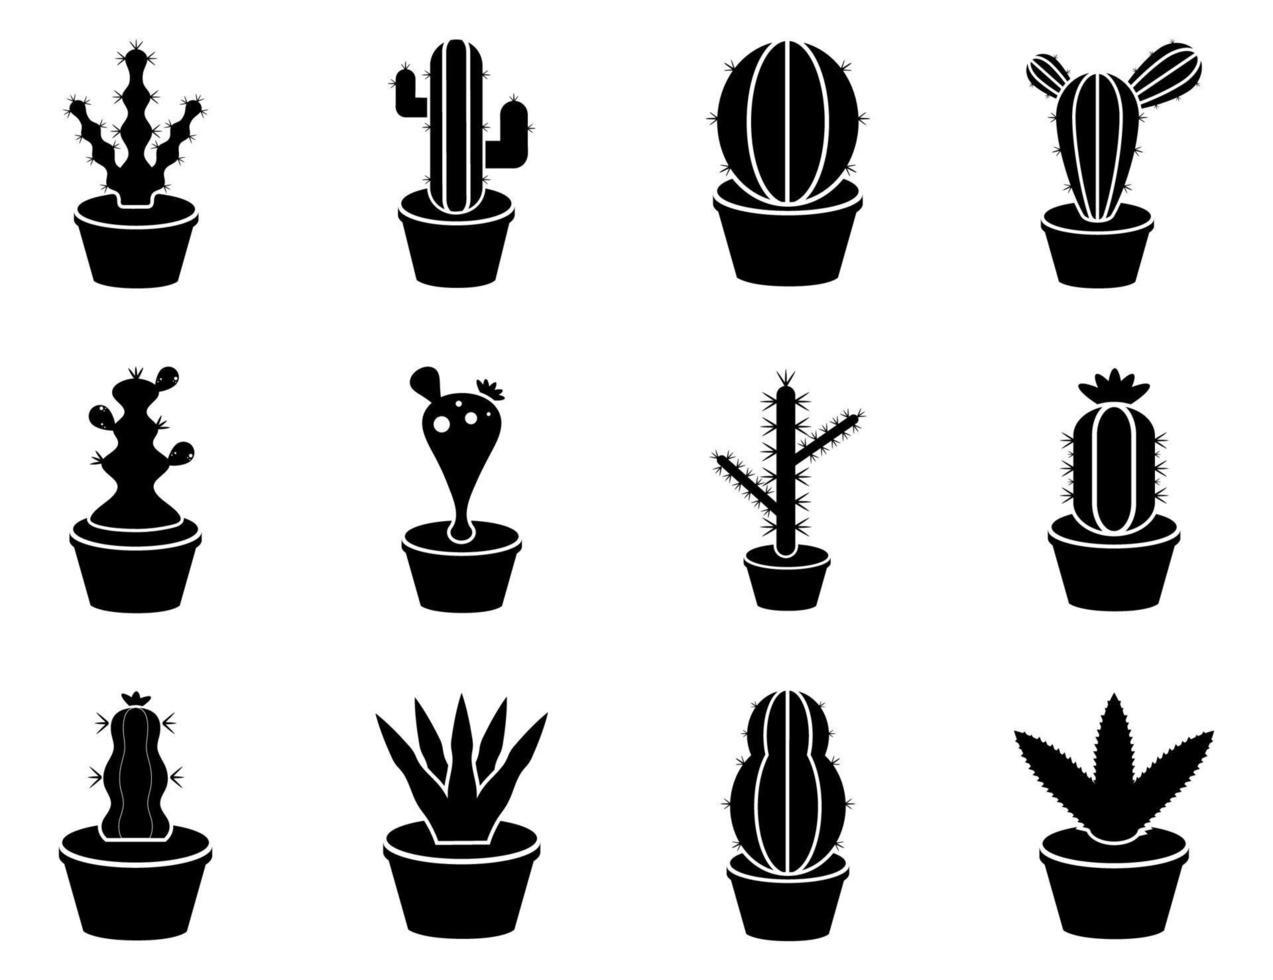 conjunto de ícones de cacto - ilustração vetorial. vetor